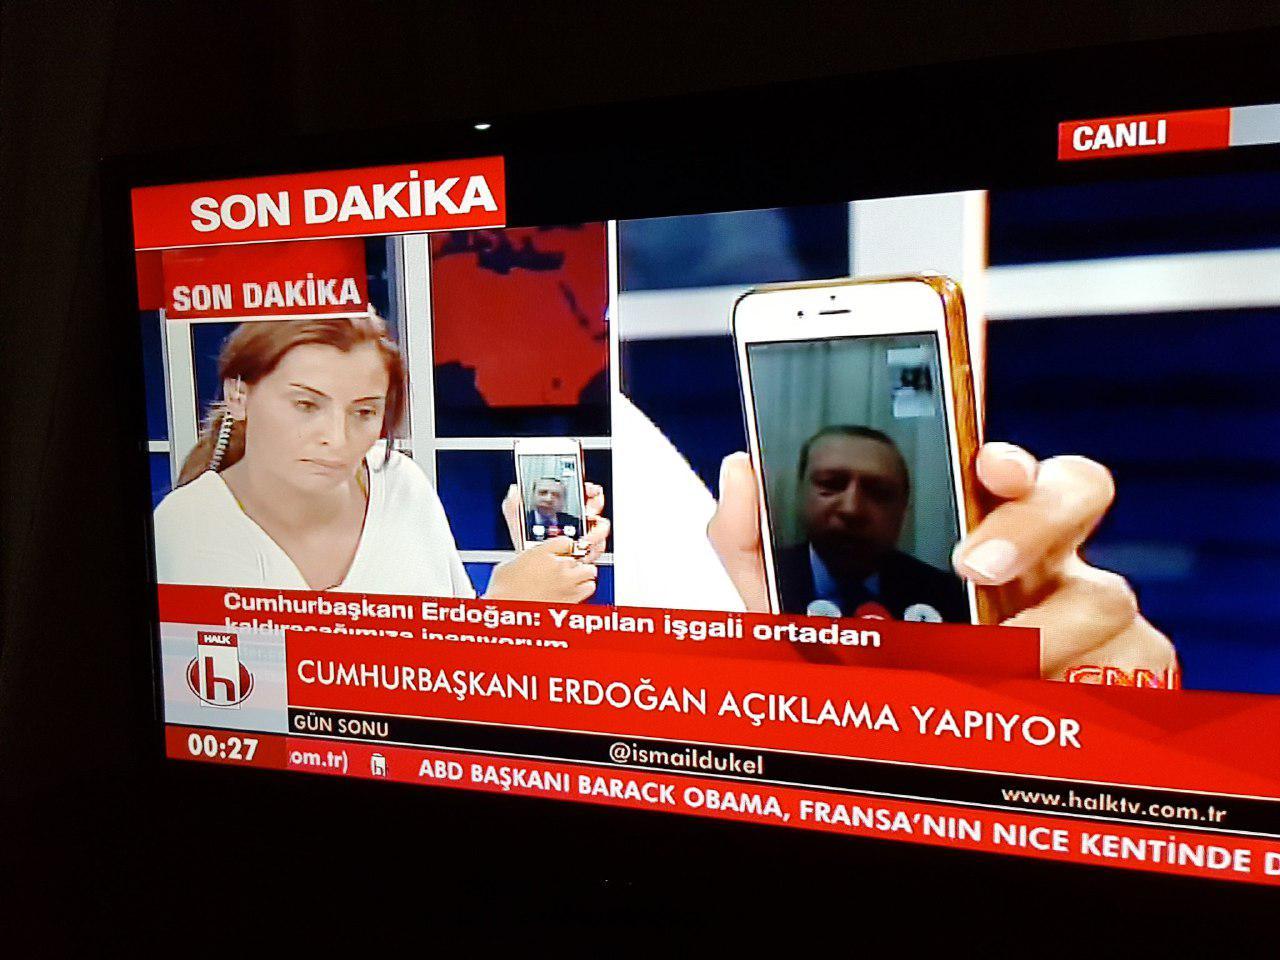 Обращение Эрдогана к сторонникам через Skype